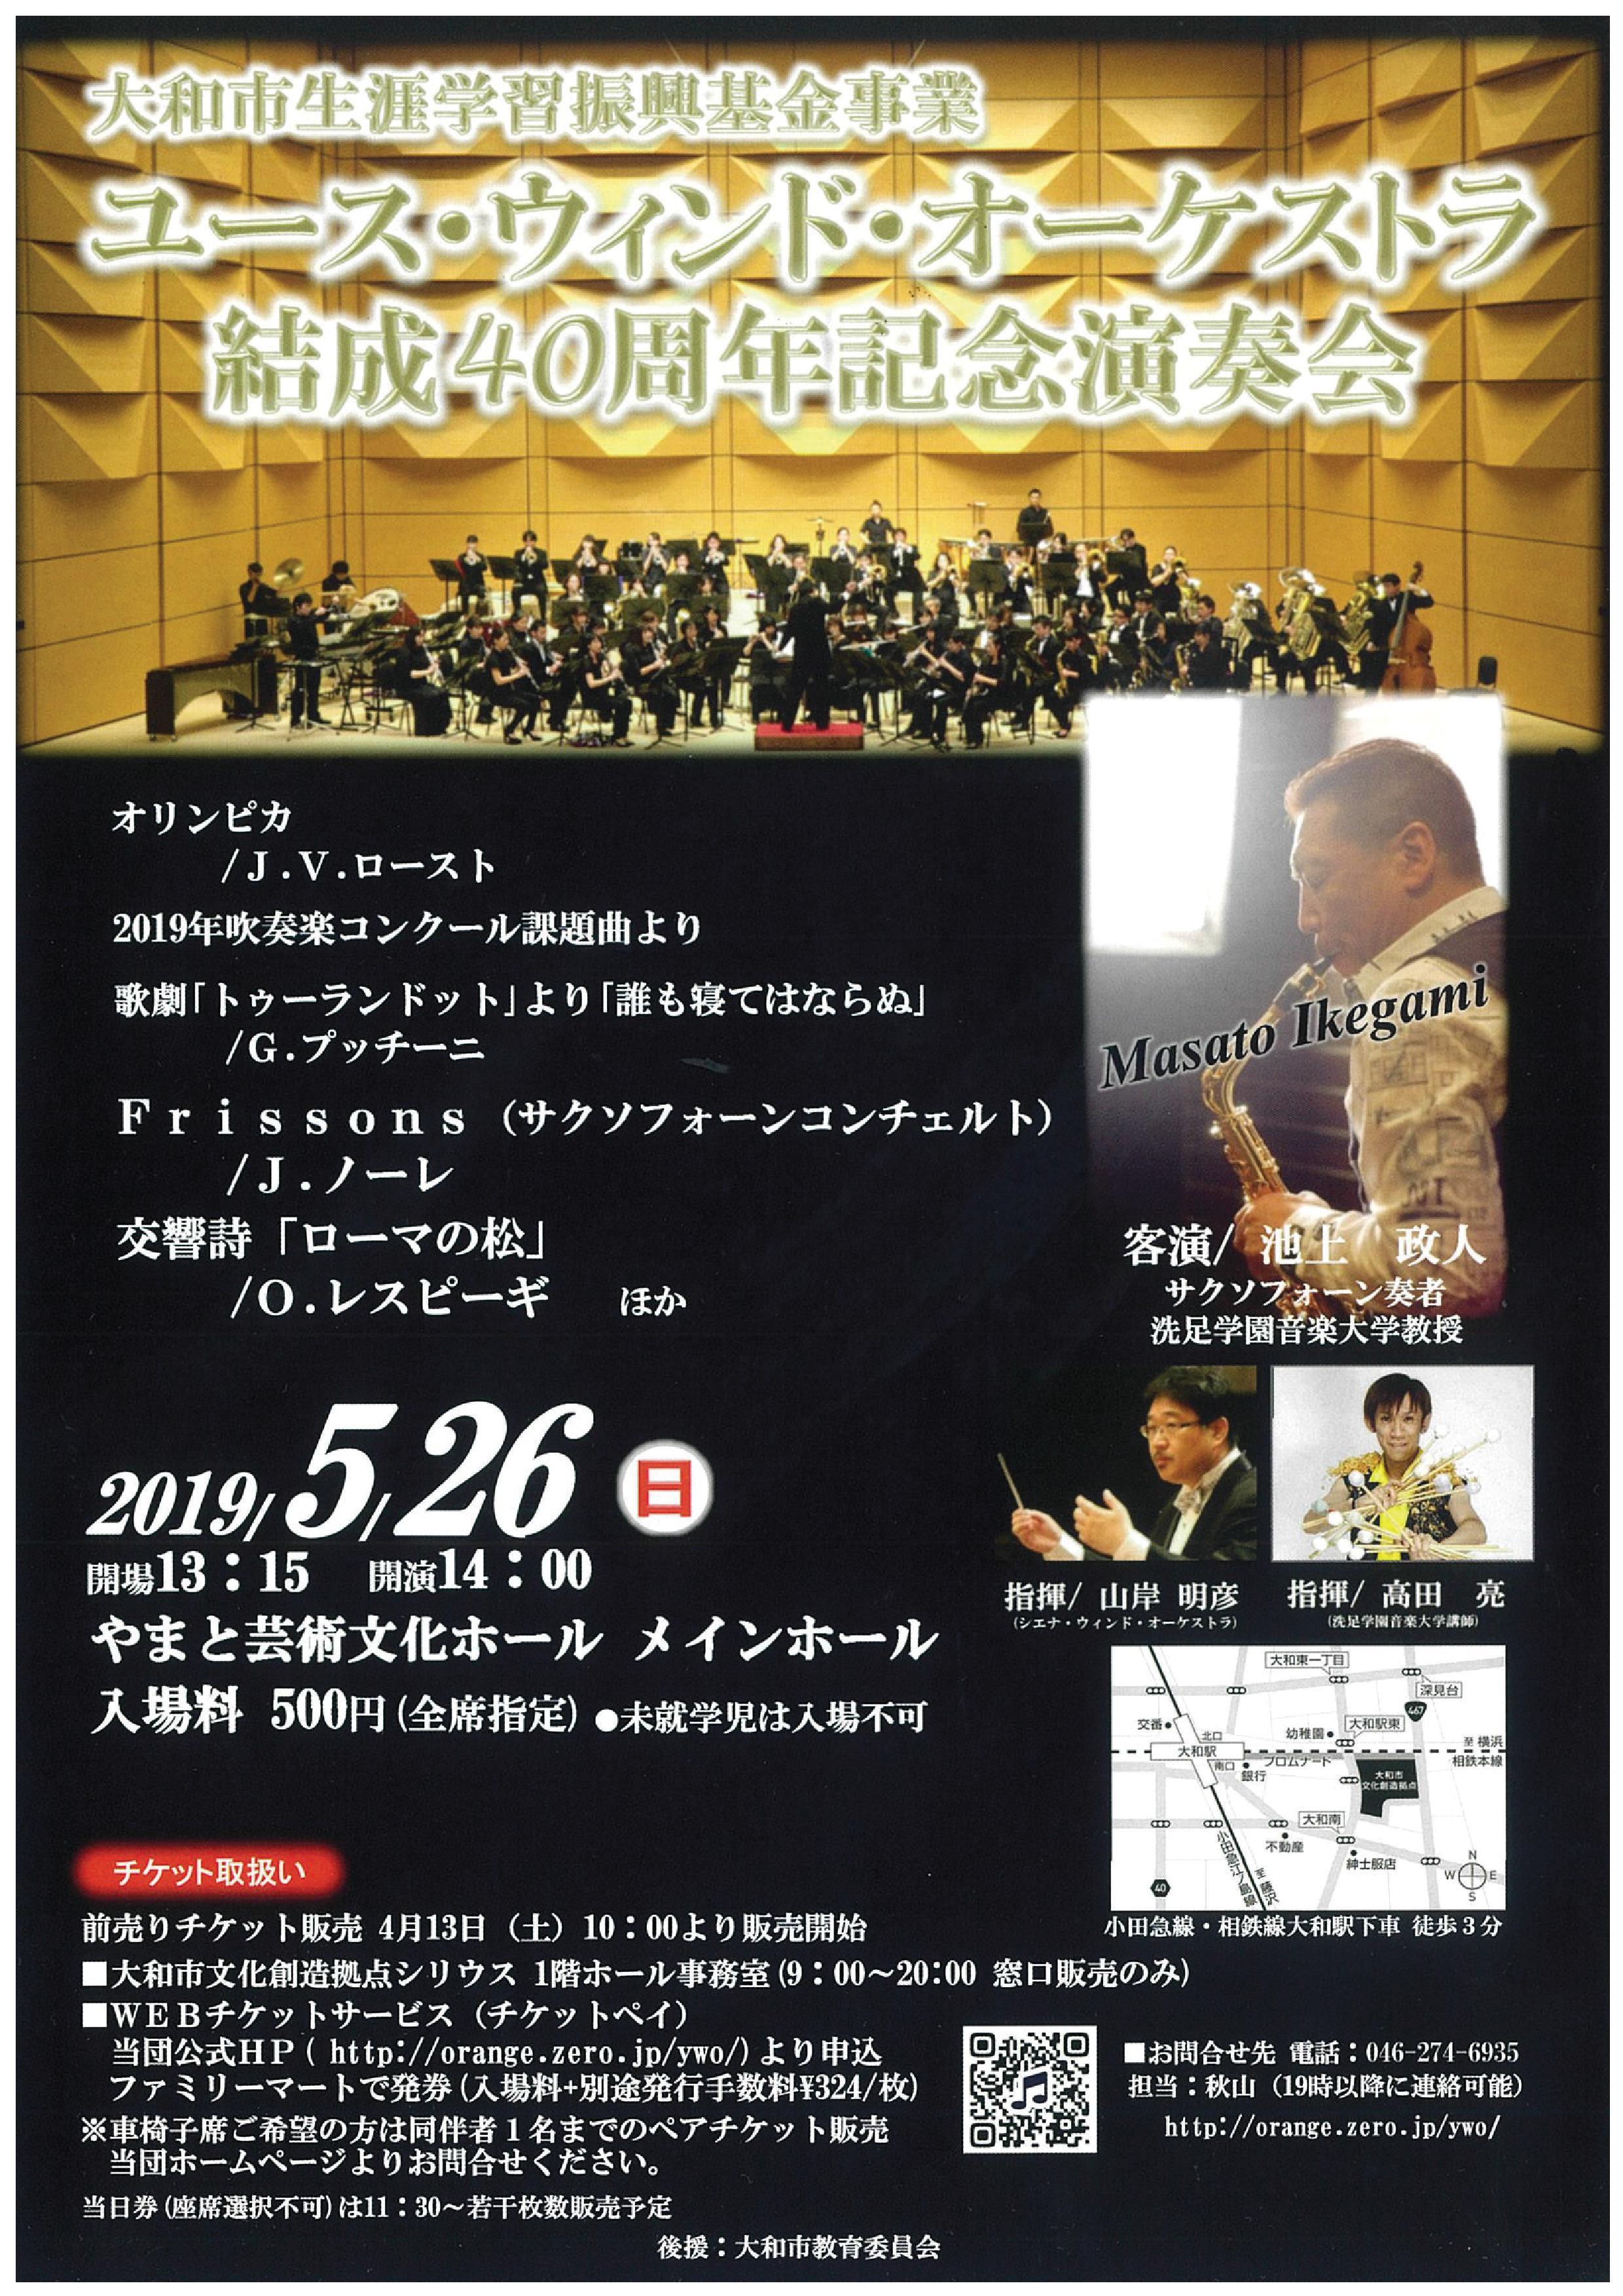 大和市生涯学習振興基金事業ユース・ウィンド・オーケストラ 結成40周年記念演奏会